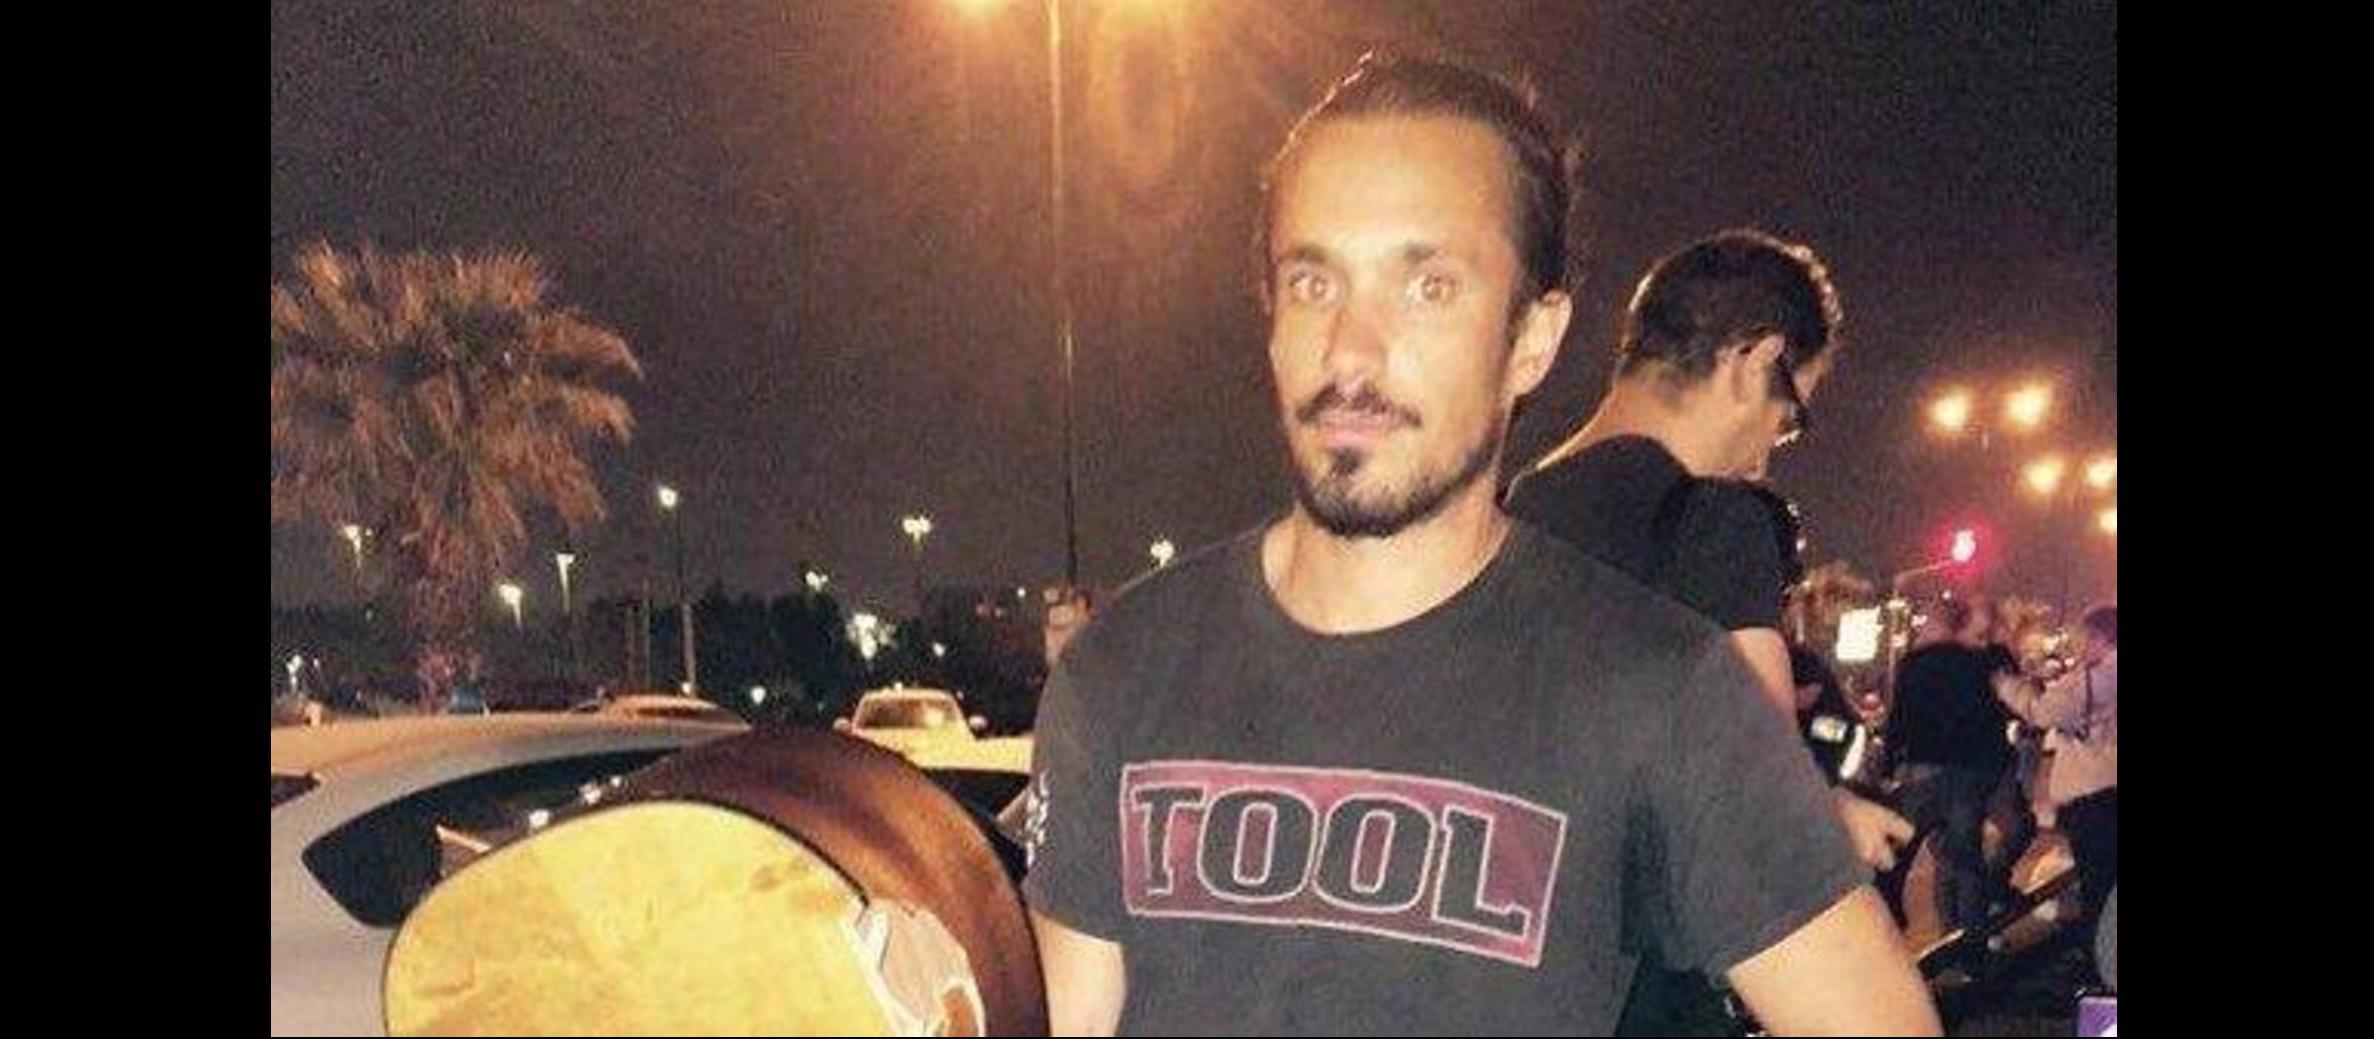 Guitar Hero:  Tel Aviv busker smashes guitar over terrorist's head